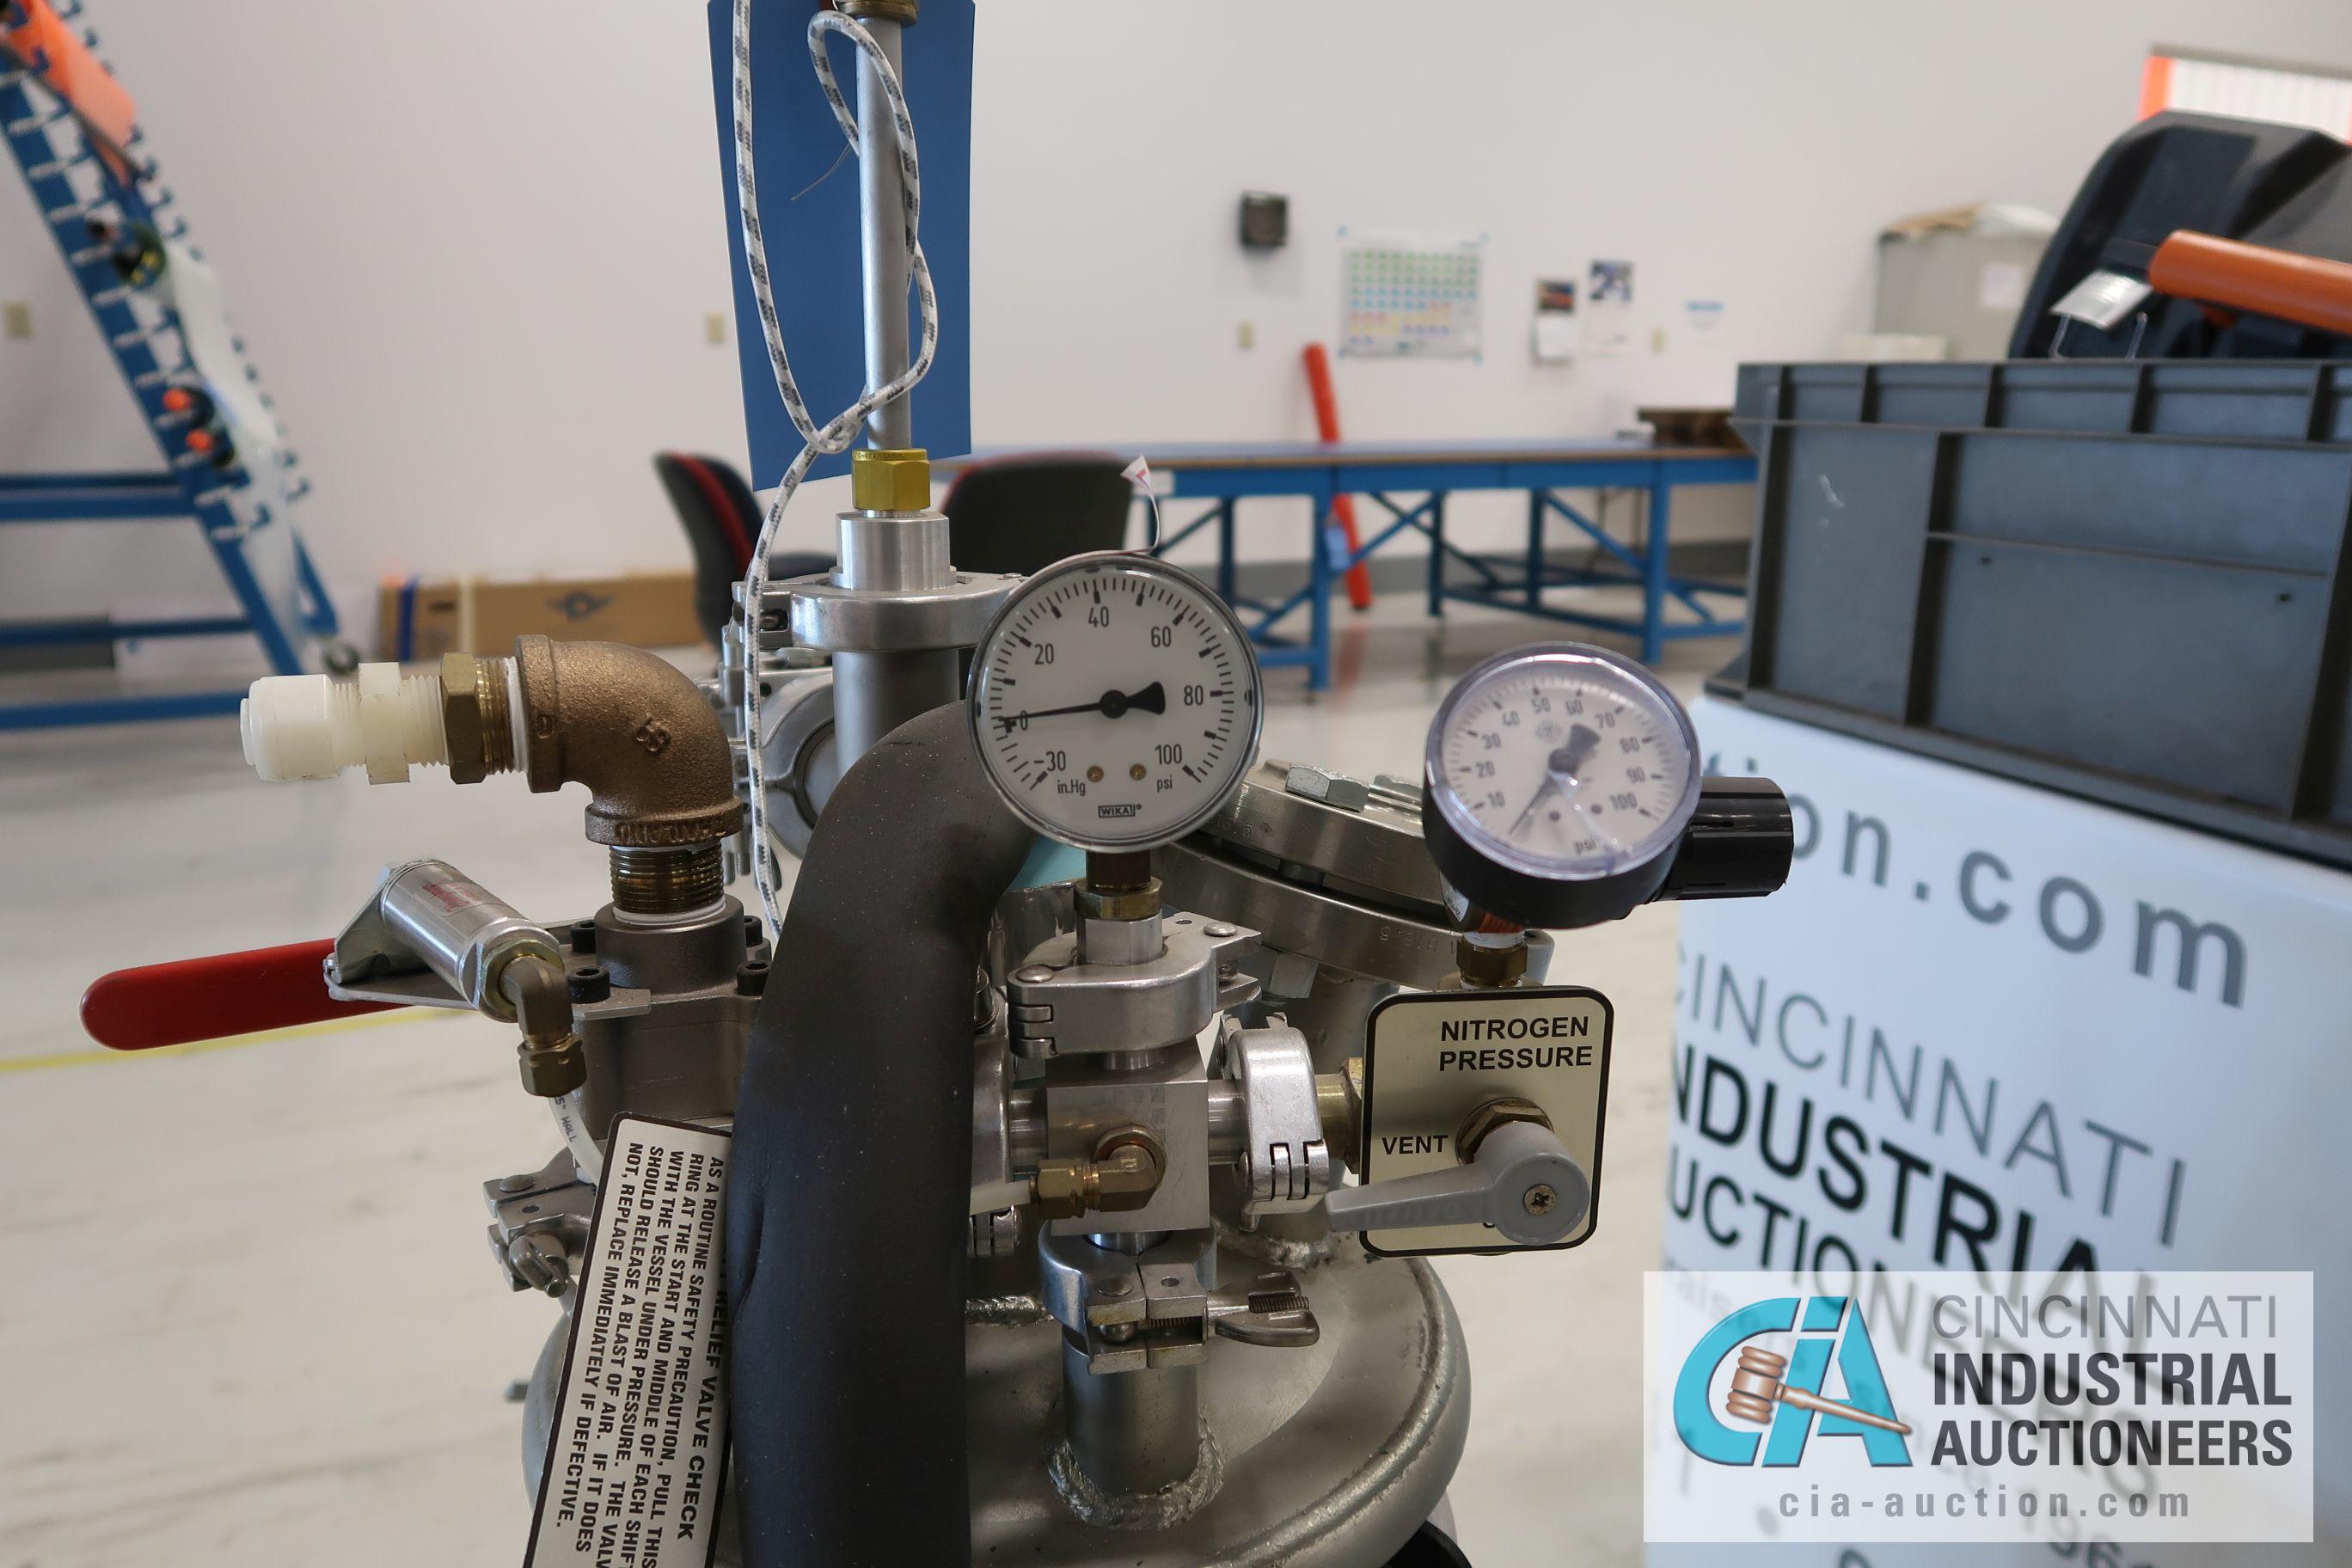 2.5 GALLON APT MODEL NO. 4500 RTM UNIT; S/N T-3110 (1/5/09) - Image 4 of 5